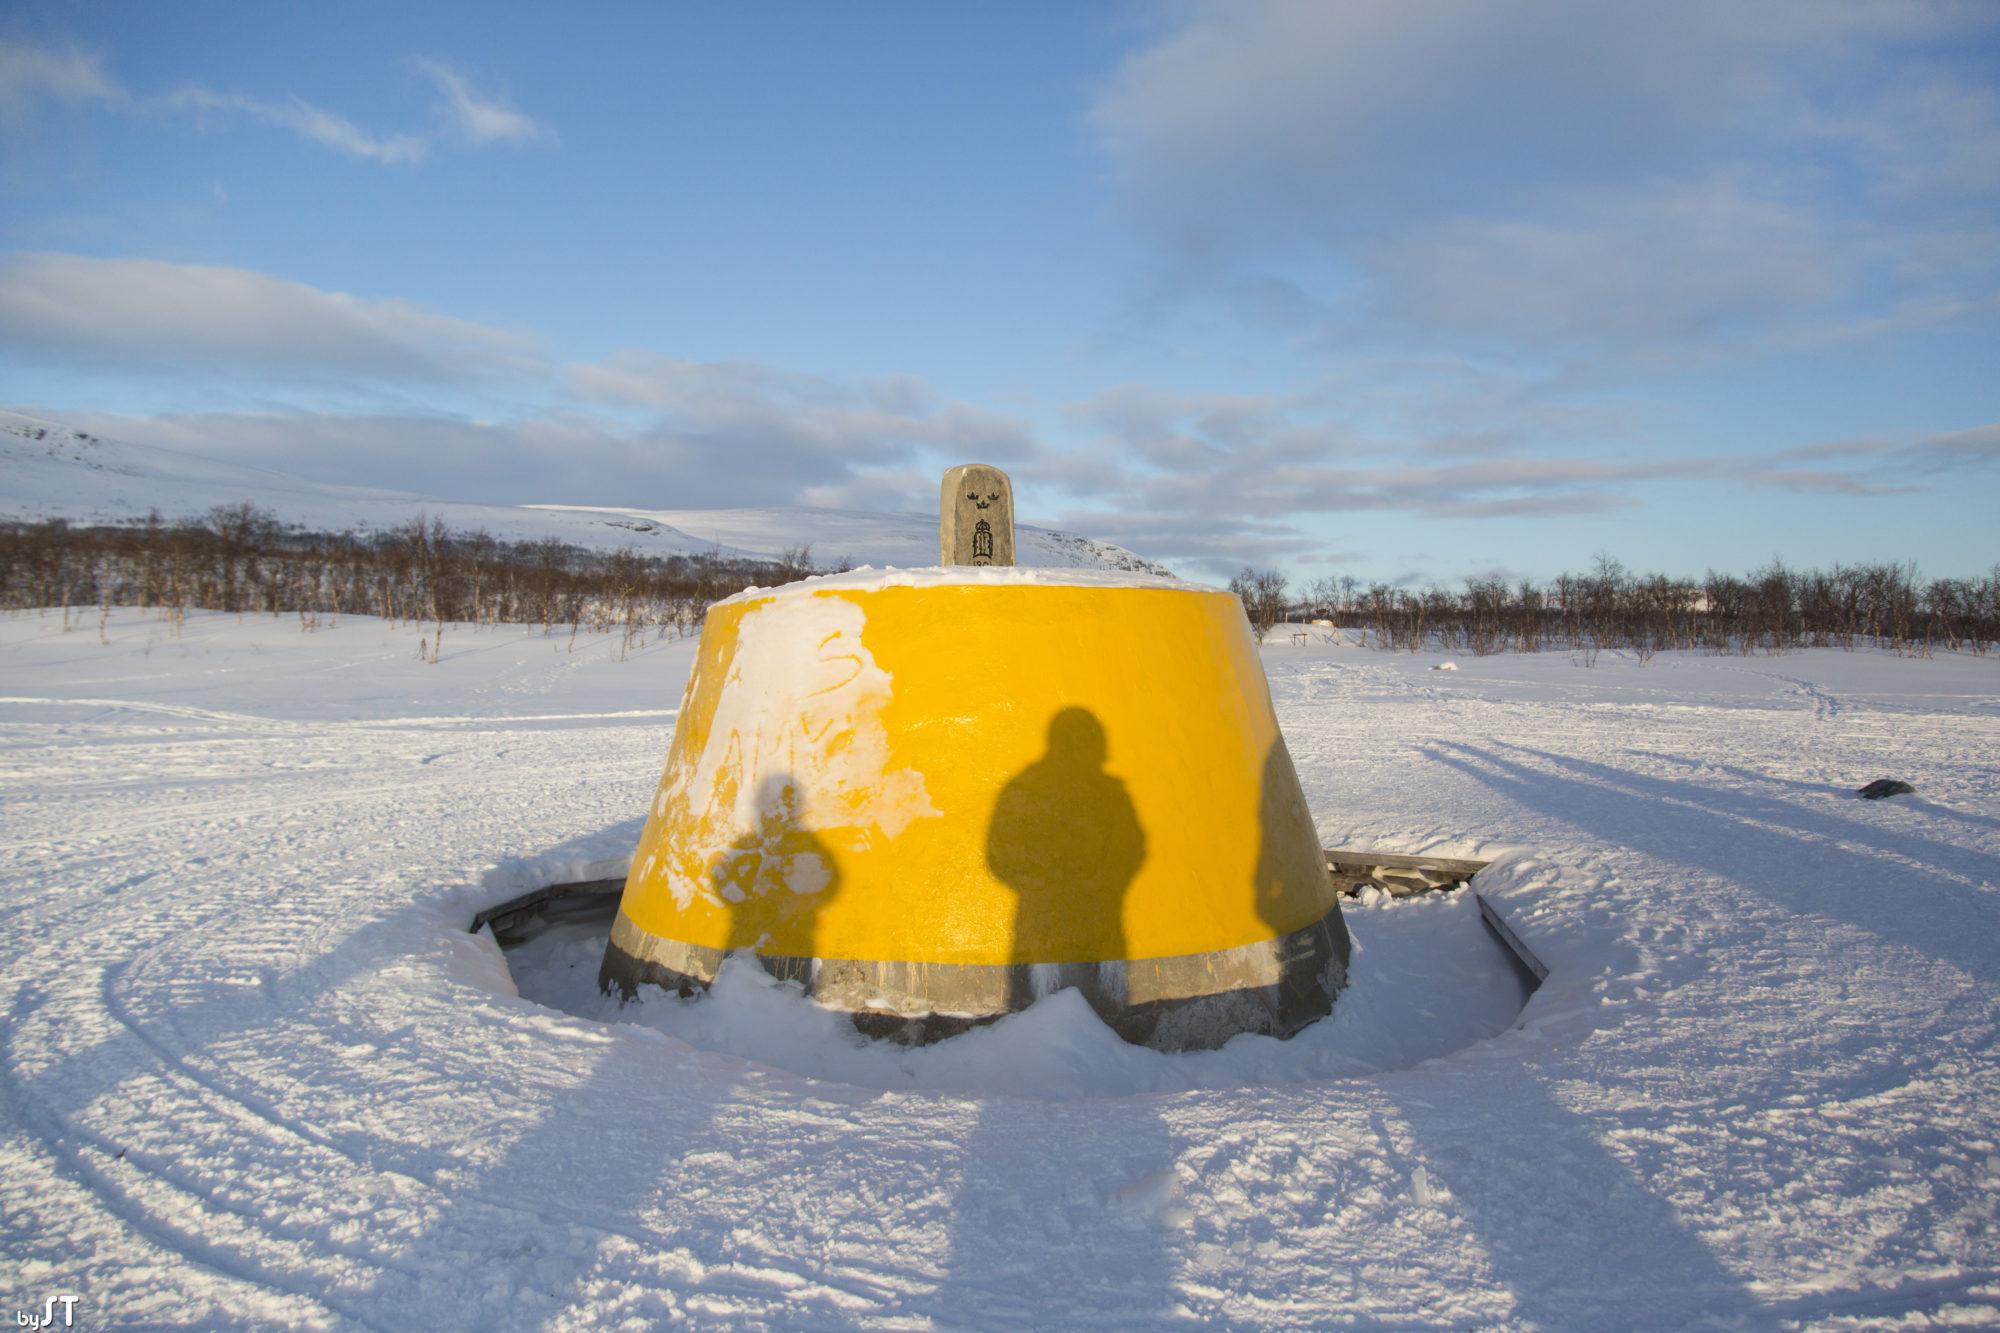 Près de Kilpisjärvi, une frontière commune à la Finlande, la Norvège et la Suède